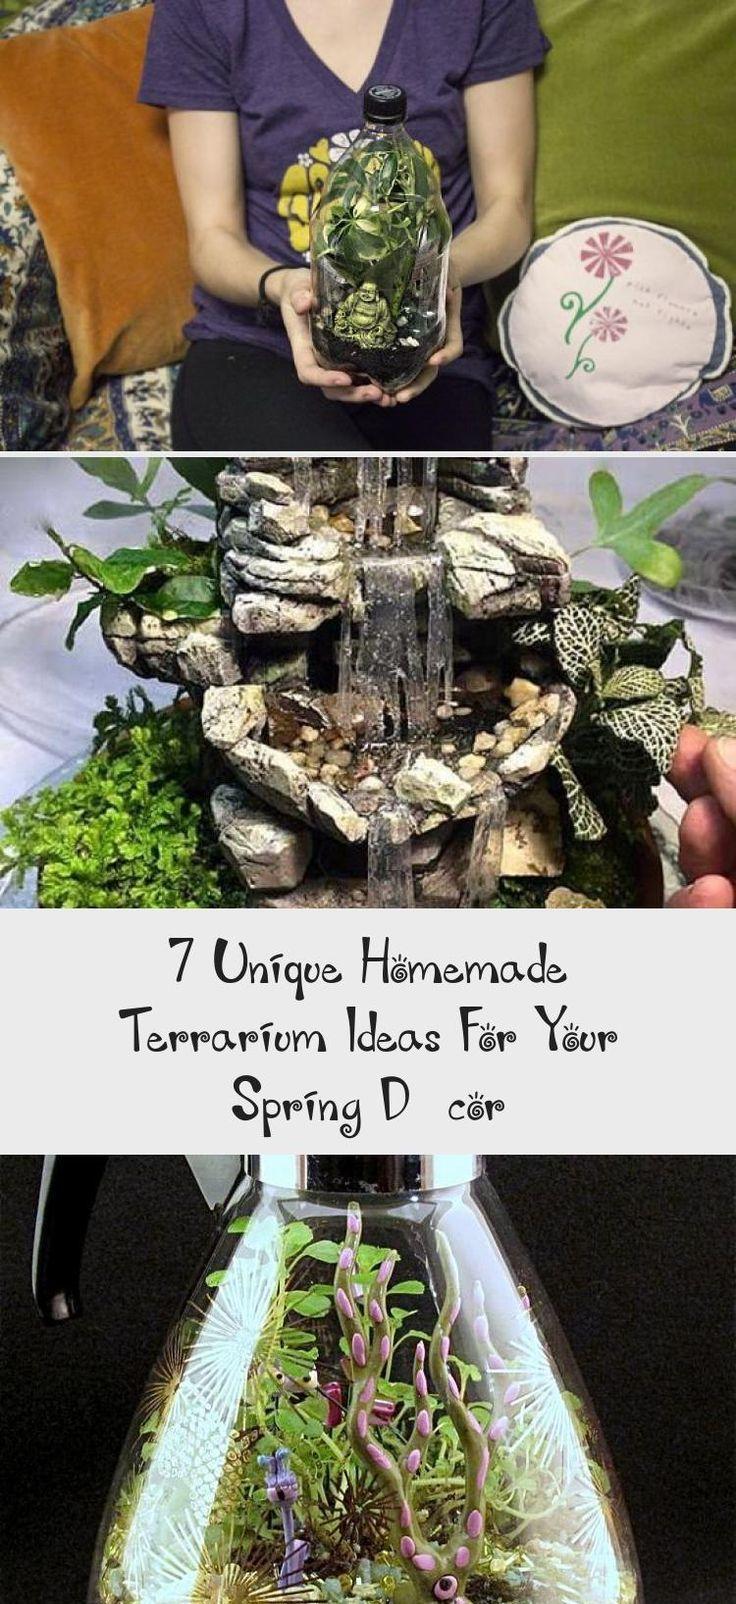 7 idées uniques de terrarium maison pour votre printemps